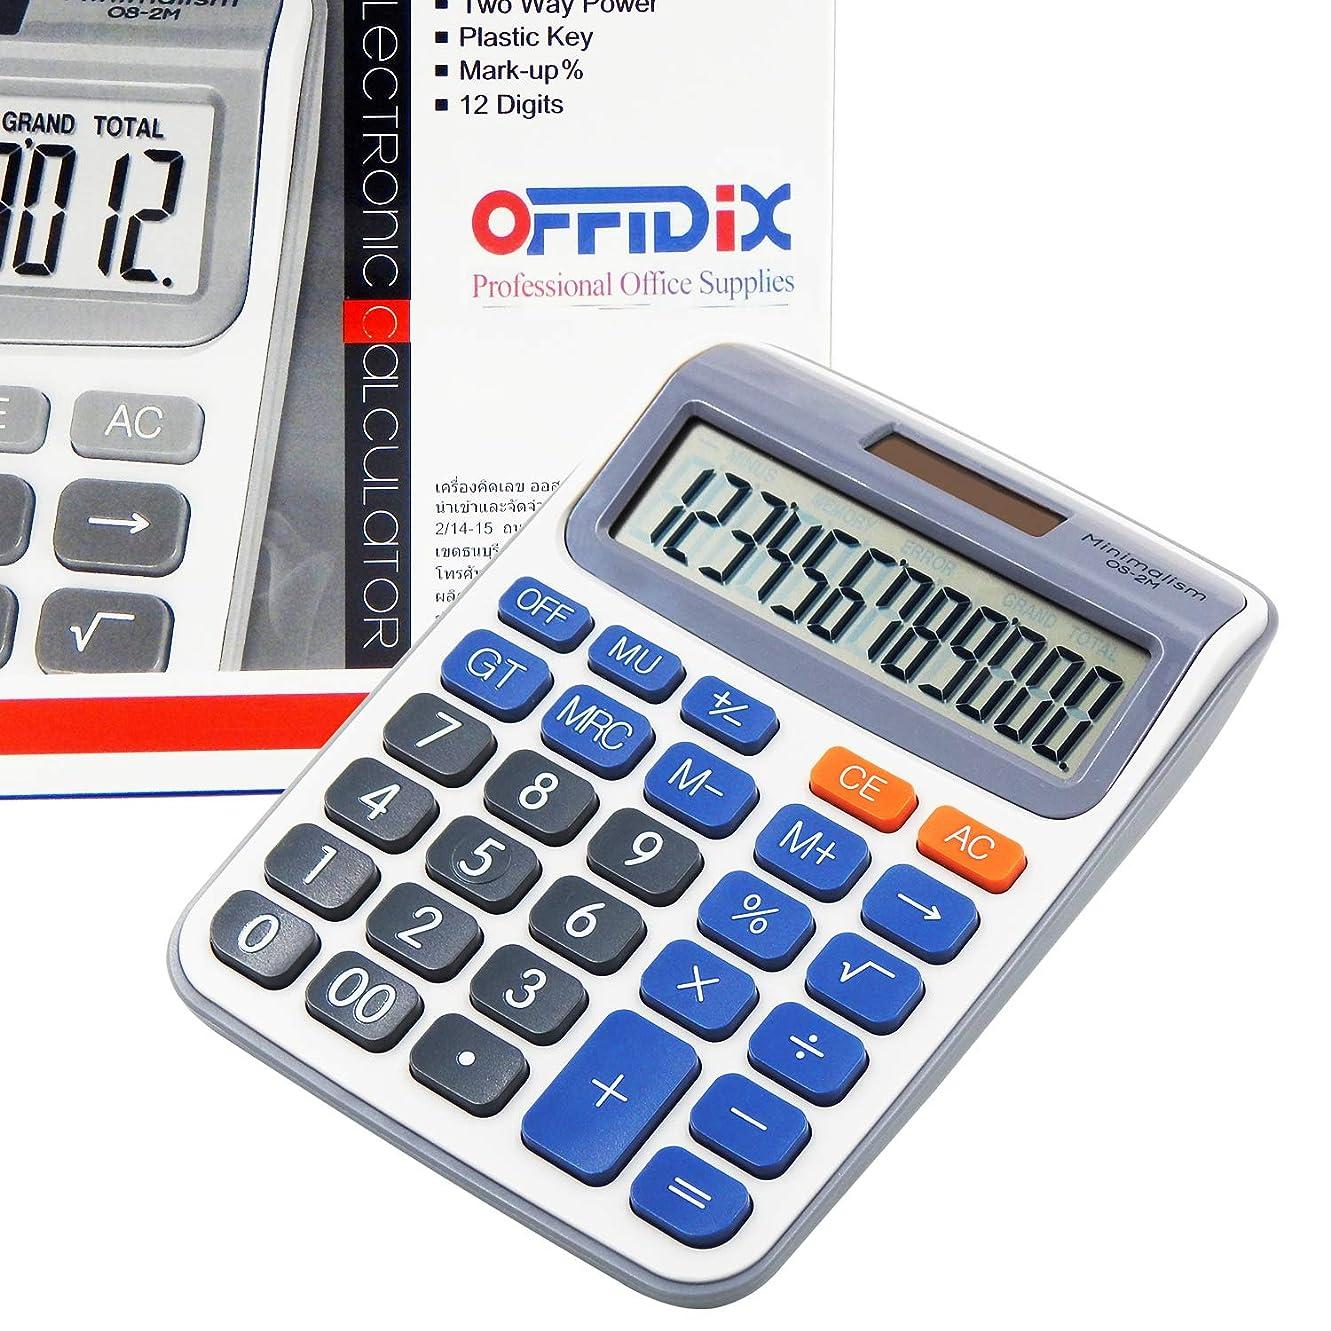 海峡一握りギネスoffidix最新Officeデスクトップ電卓、ソーラーと電池デュアル電源電子計算機ポータブル12桁電卓大型LCD表示